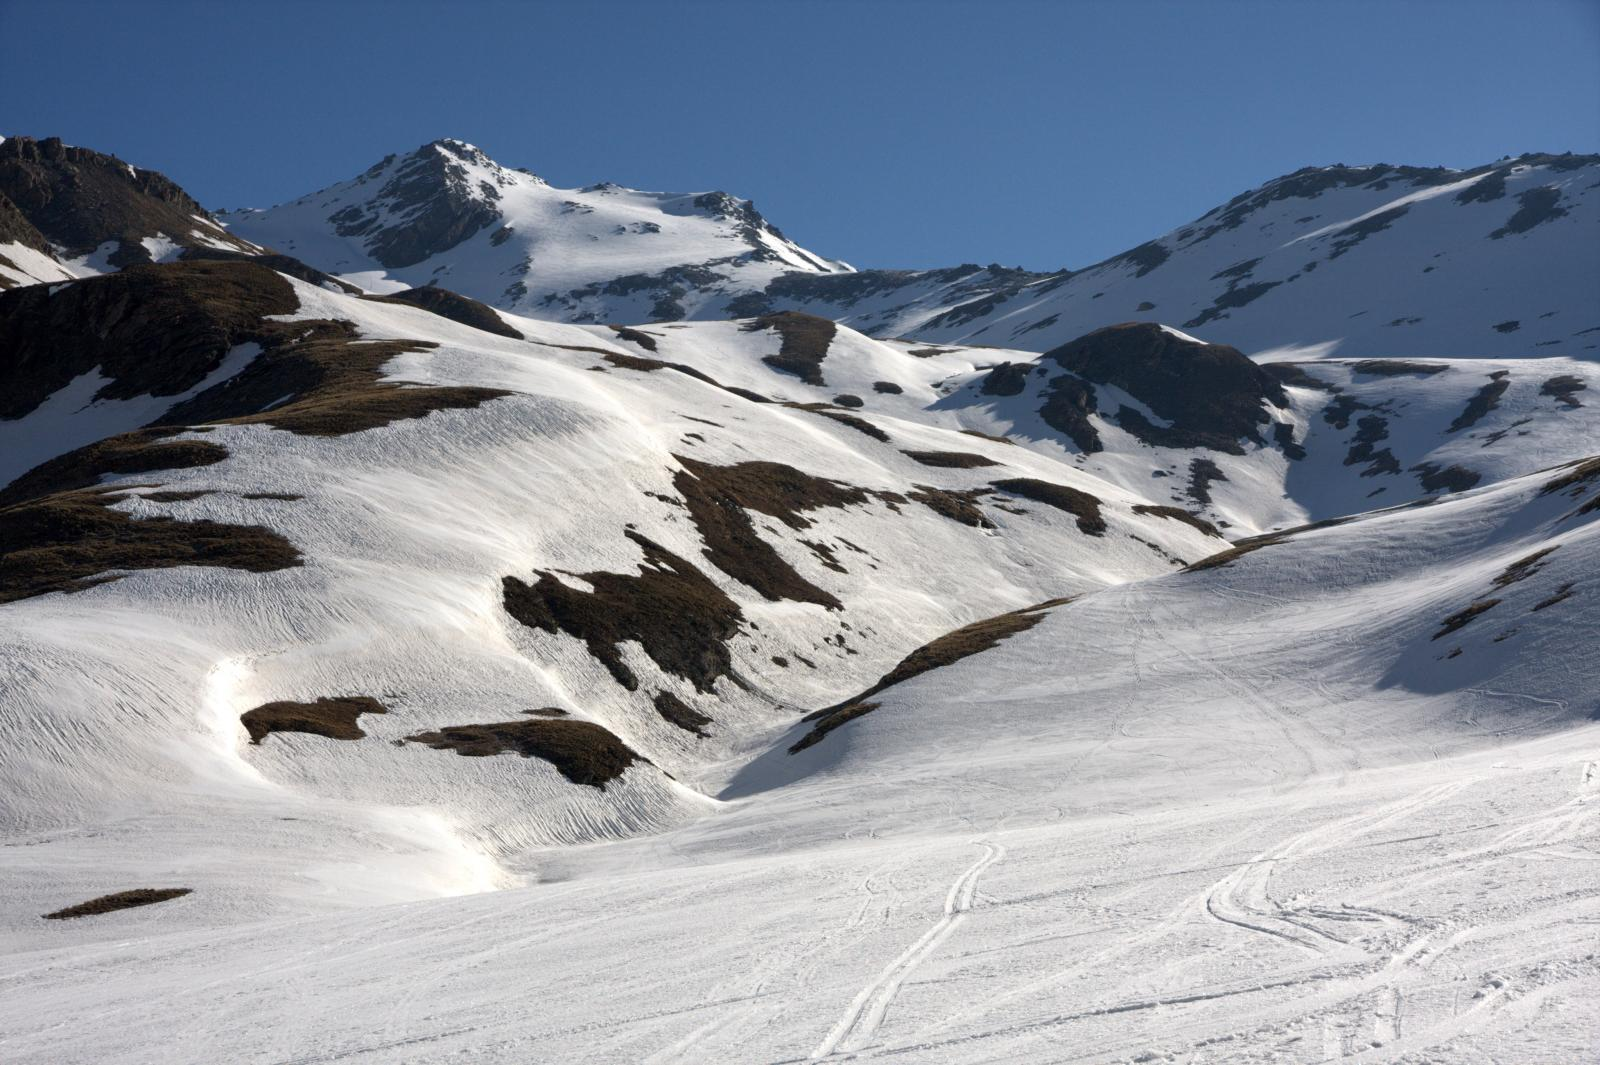 La parte alta del percorso con la cima sullo sfondo